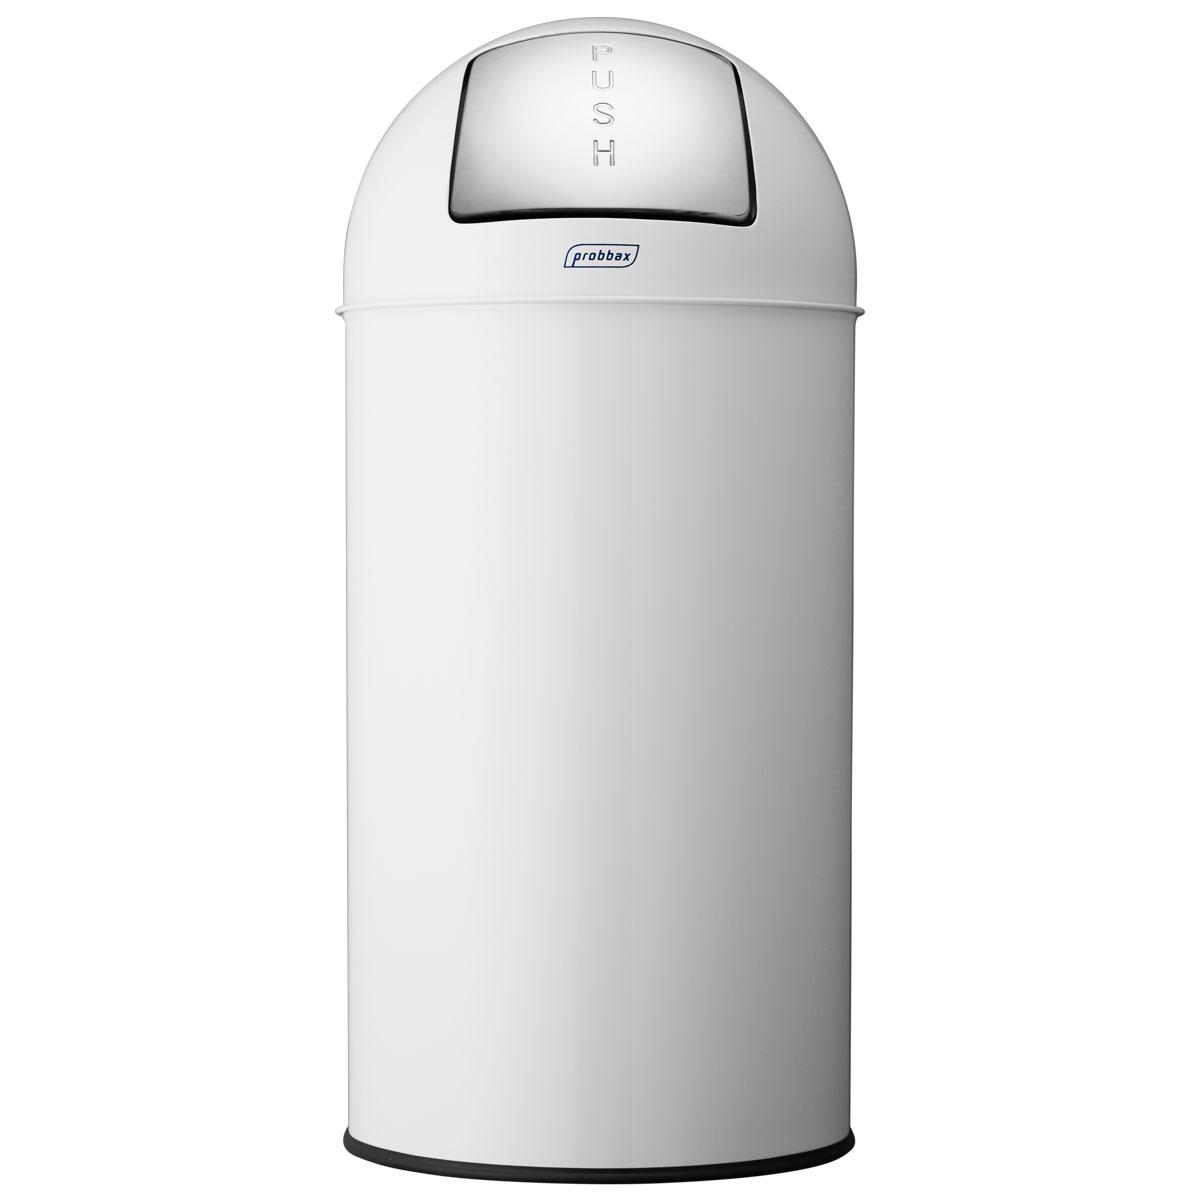 ゴミ箱 プロバックス プッシュビン ダストボックス 業務用 ごみ箱 probbax ゴミ箱 PUSH BIN ホワイト